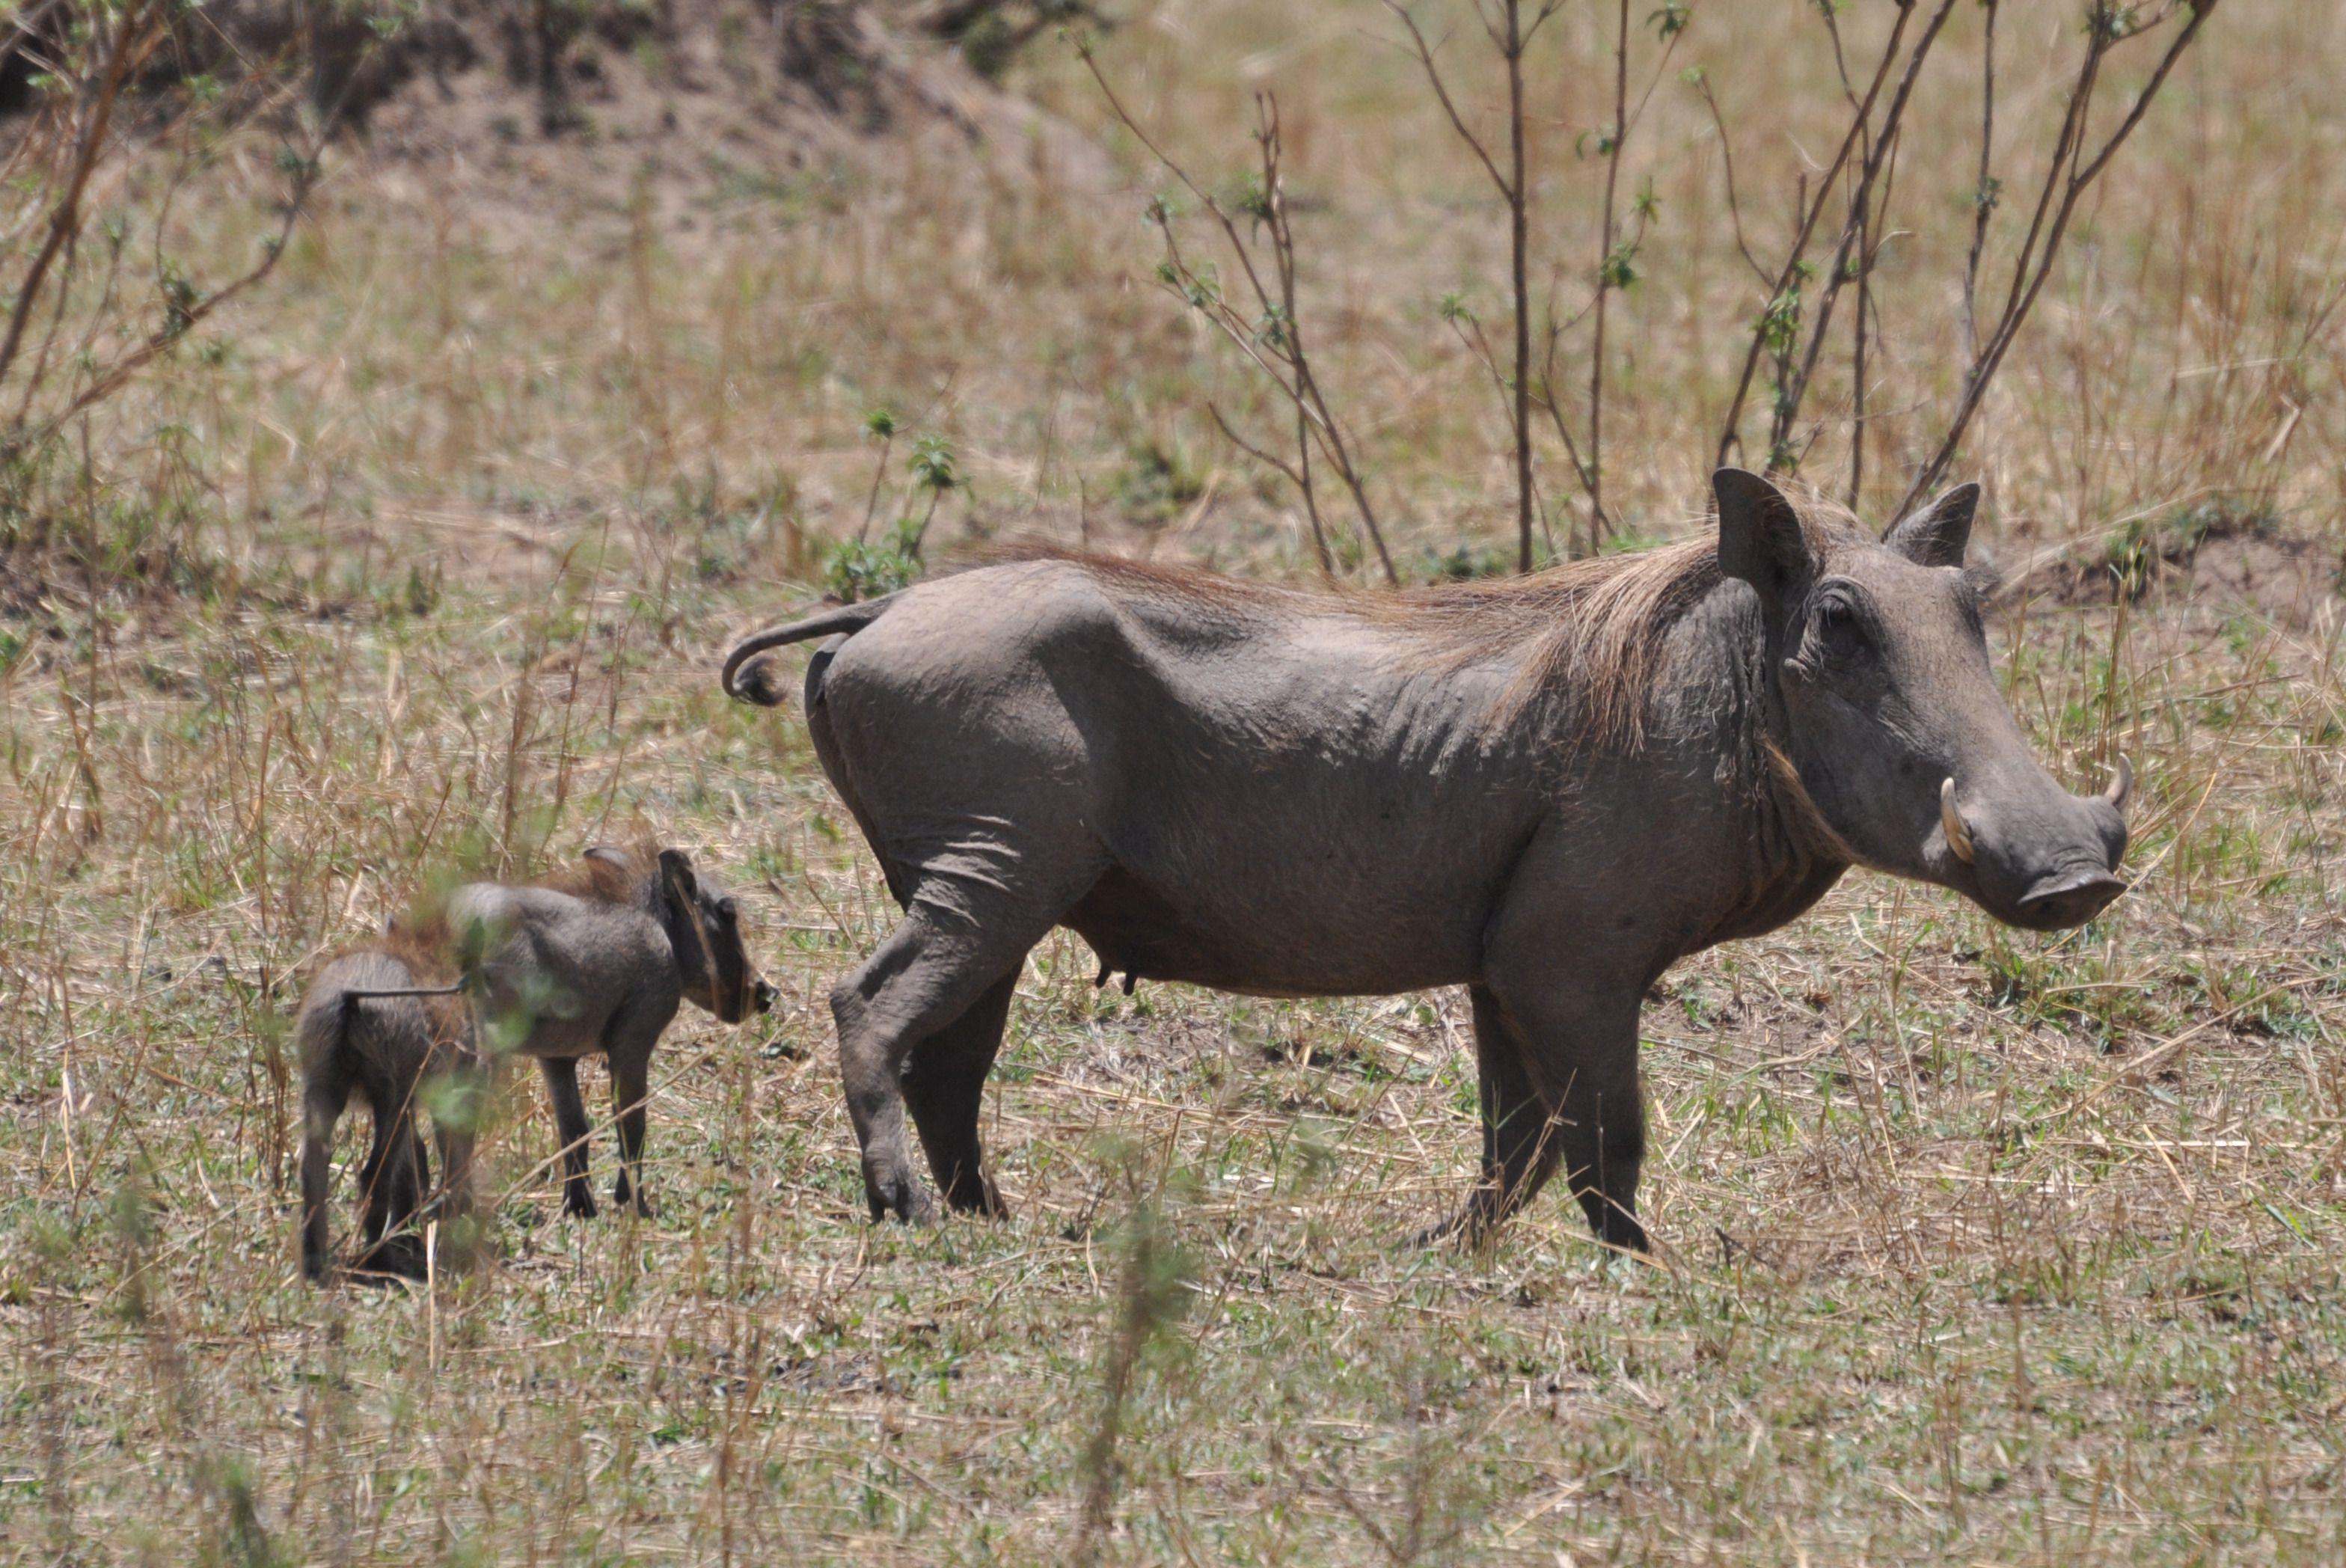 Average lifespan of warthog